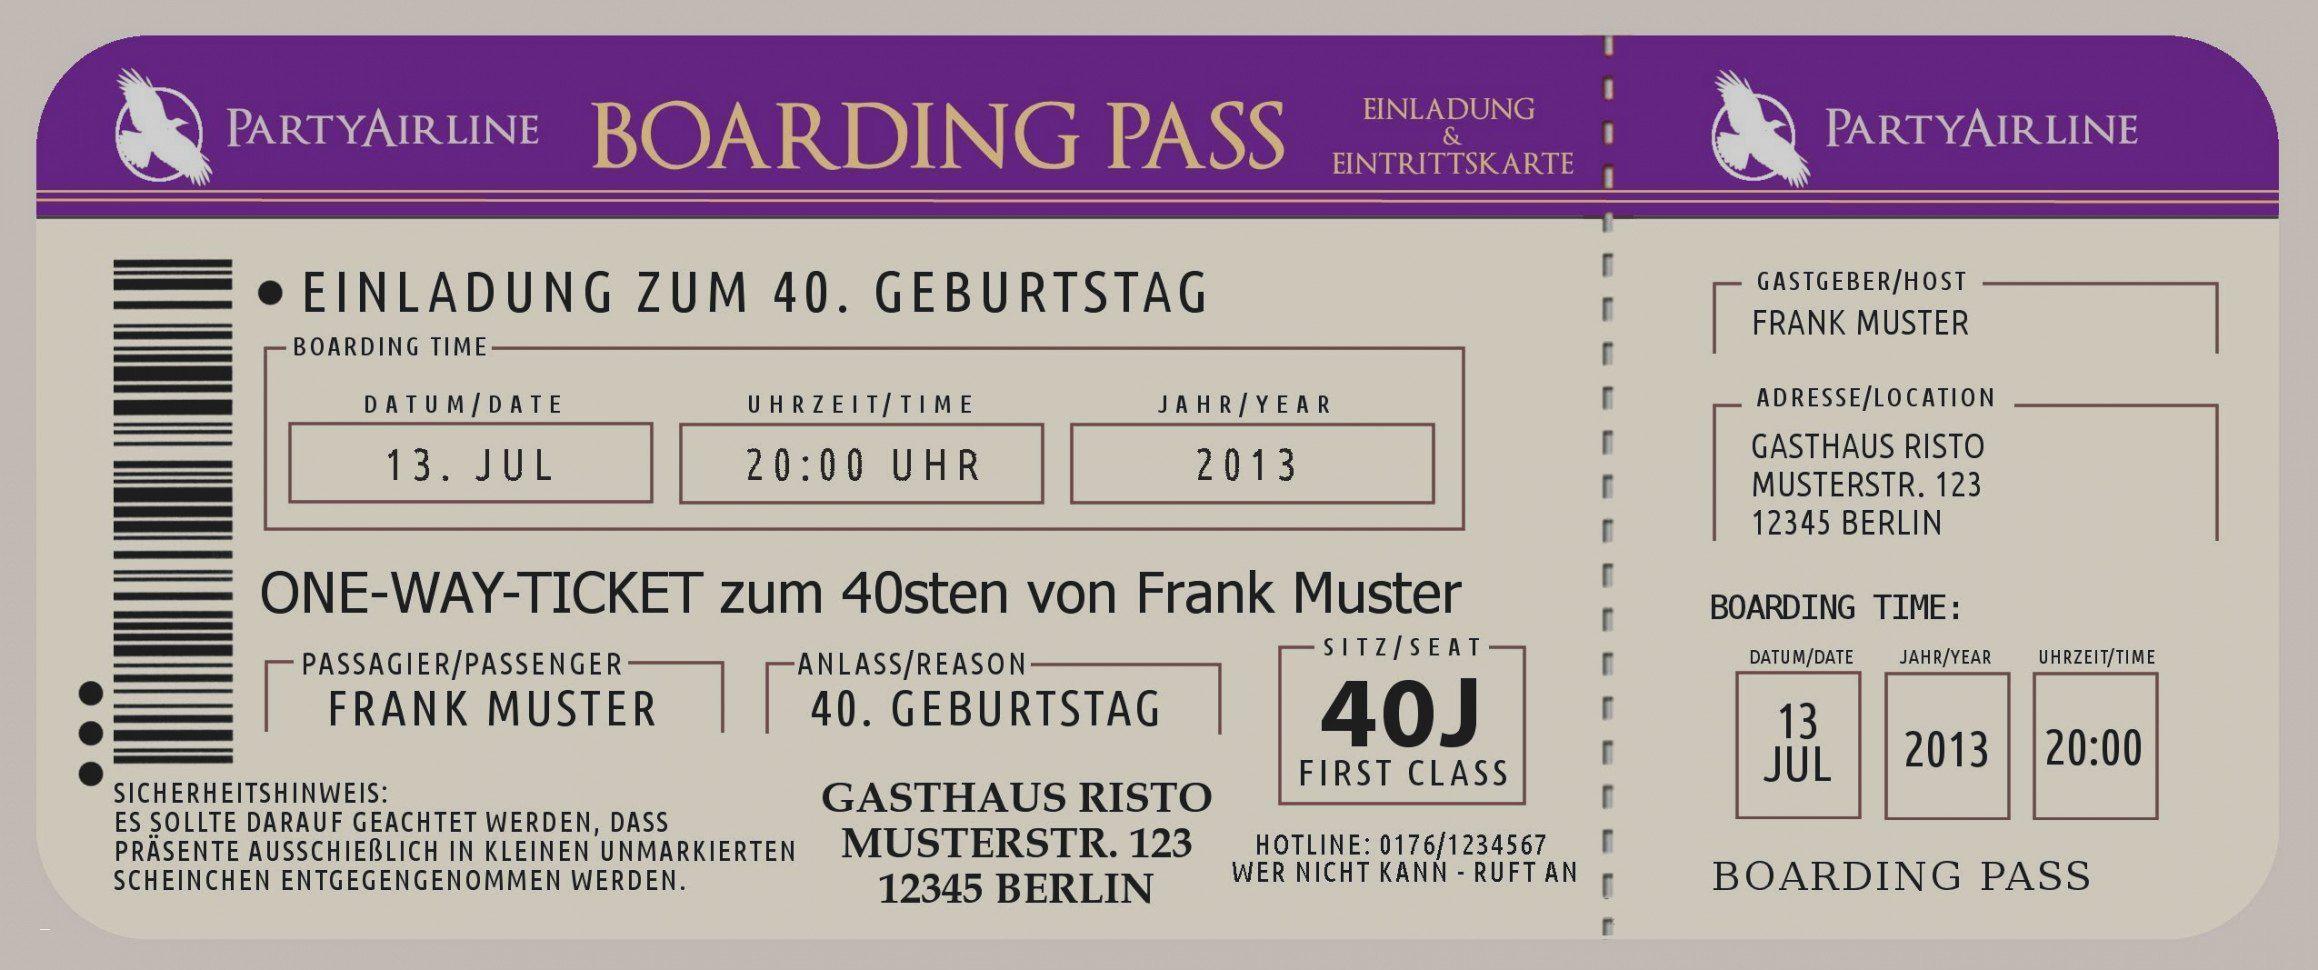 einladungskarten 40 geburtstag vorlagen kostenlos Elegant Tolle